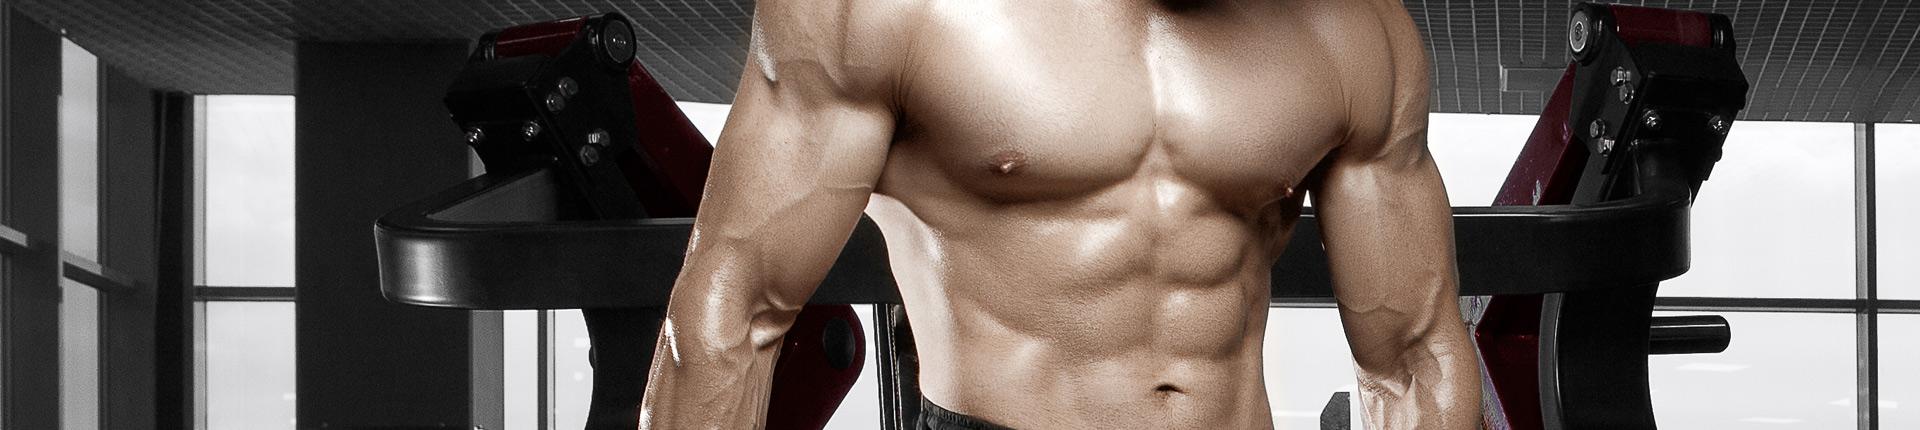 Brzuch: miejscowe spalanie tłuszczu z brzucha?